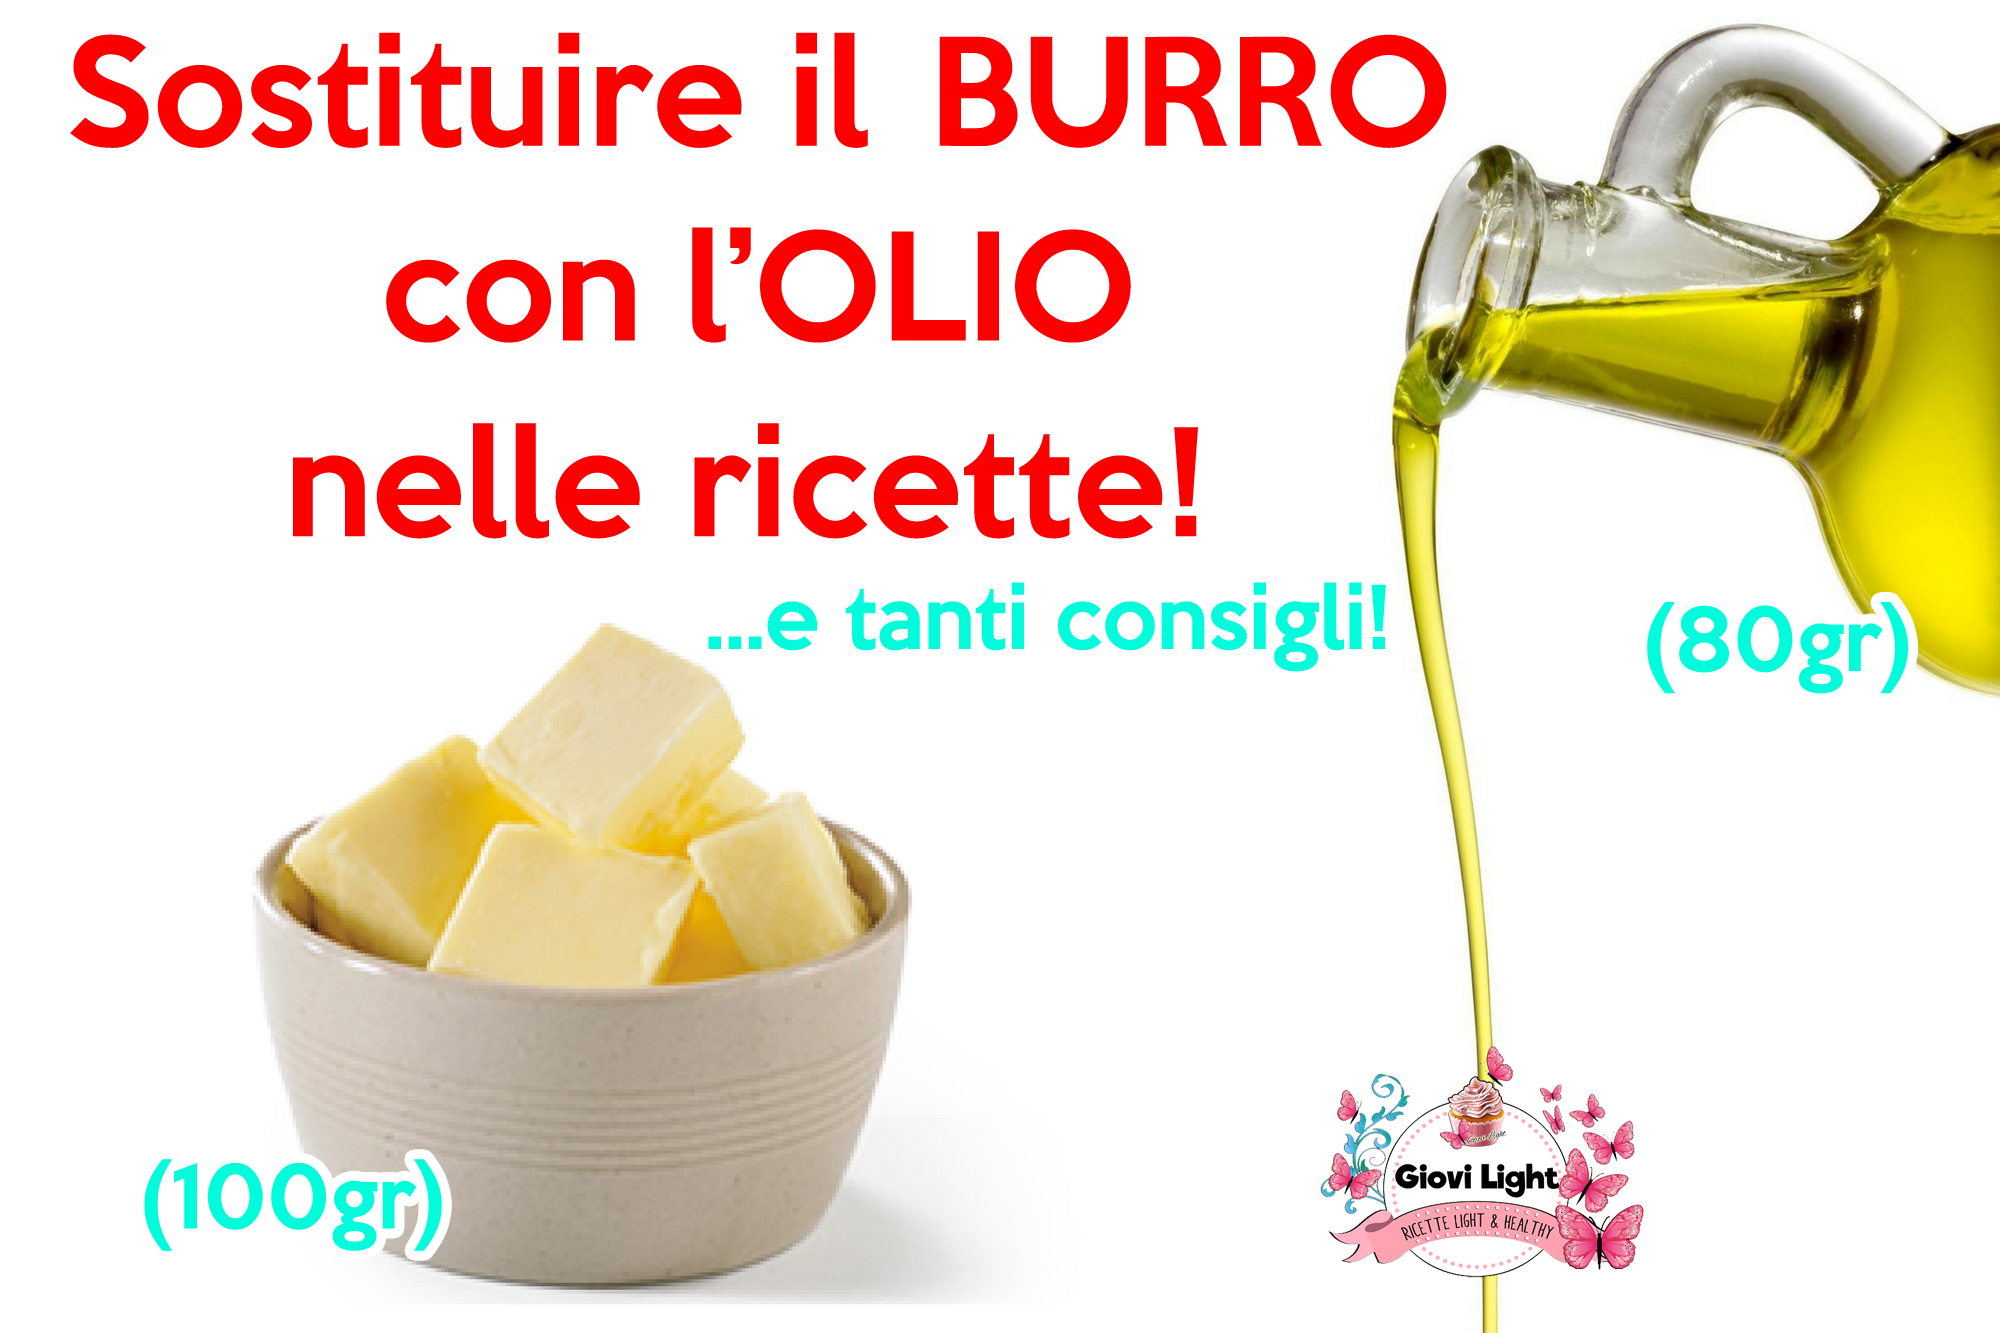 Sostituire il burro con l'olio nelle ricette